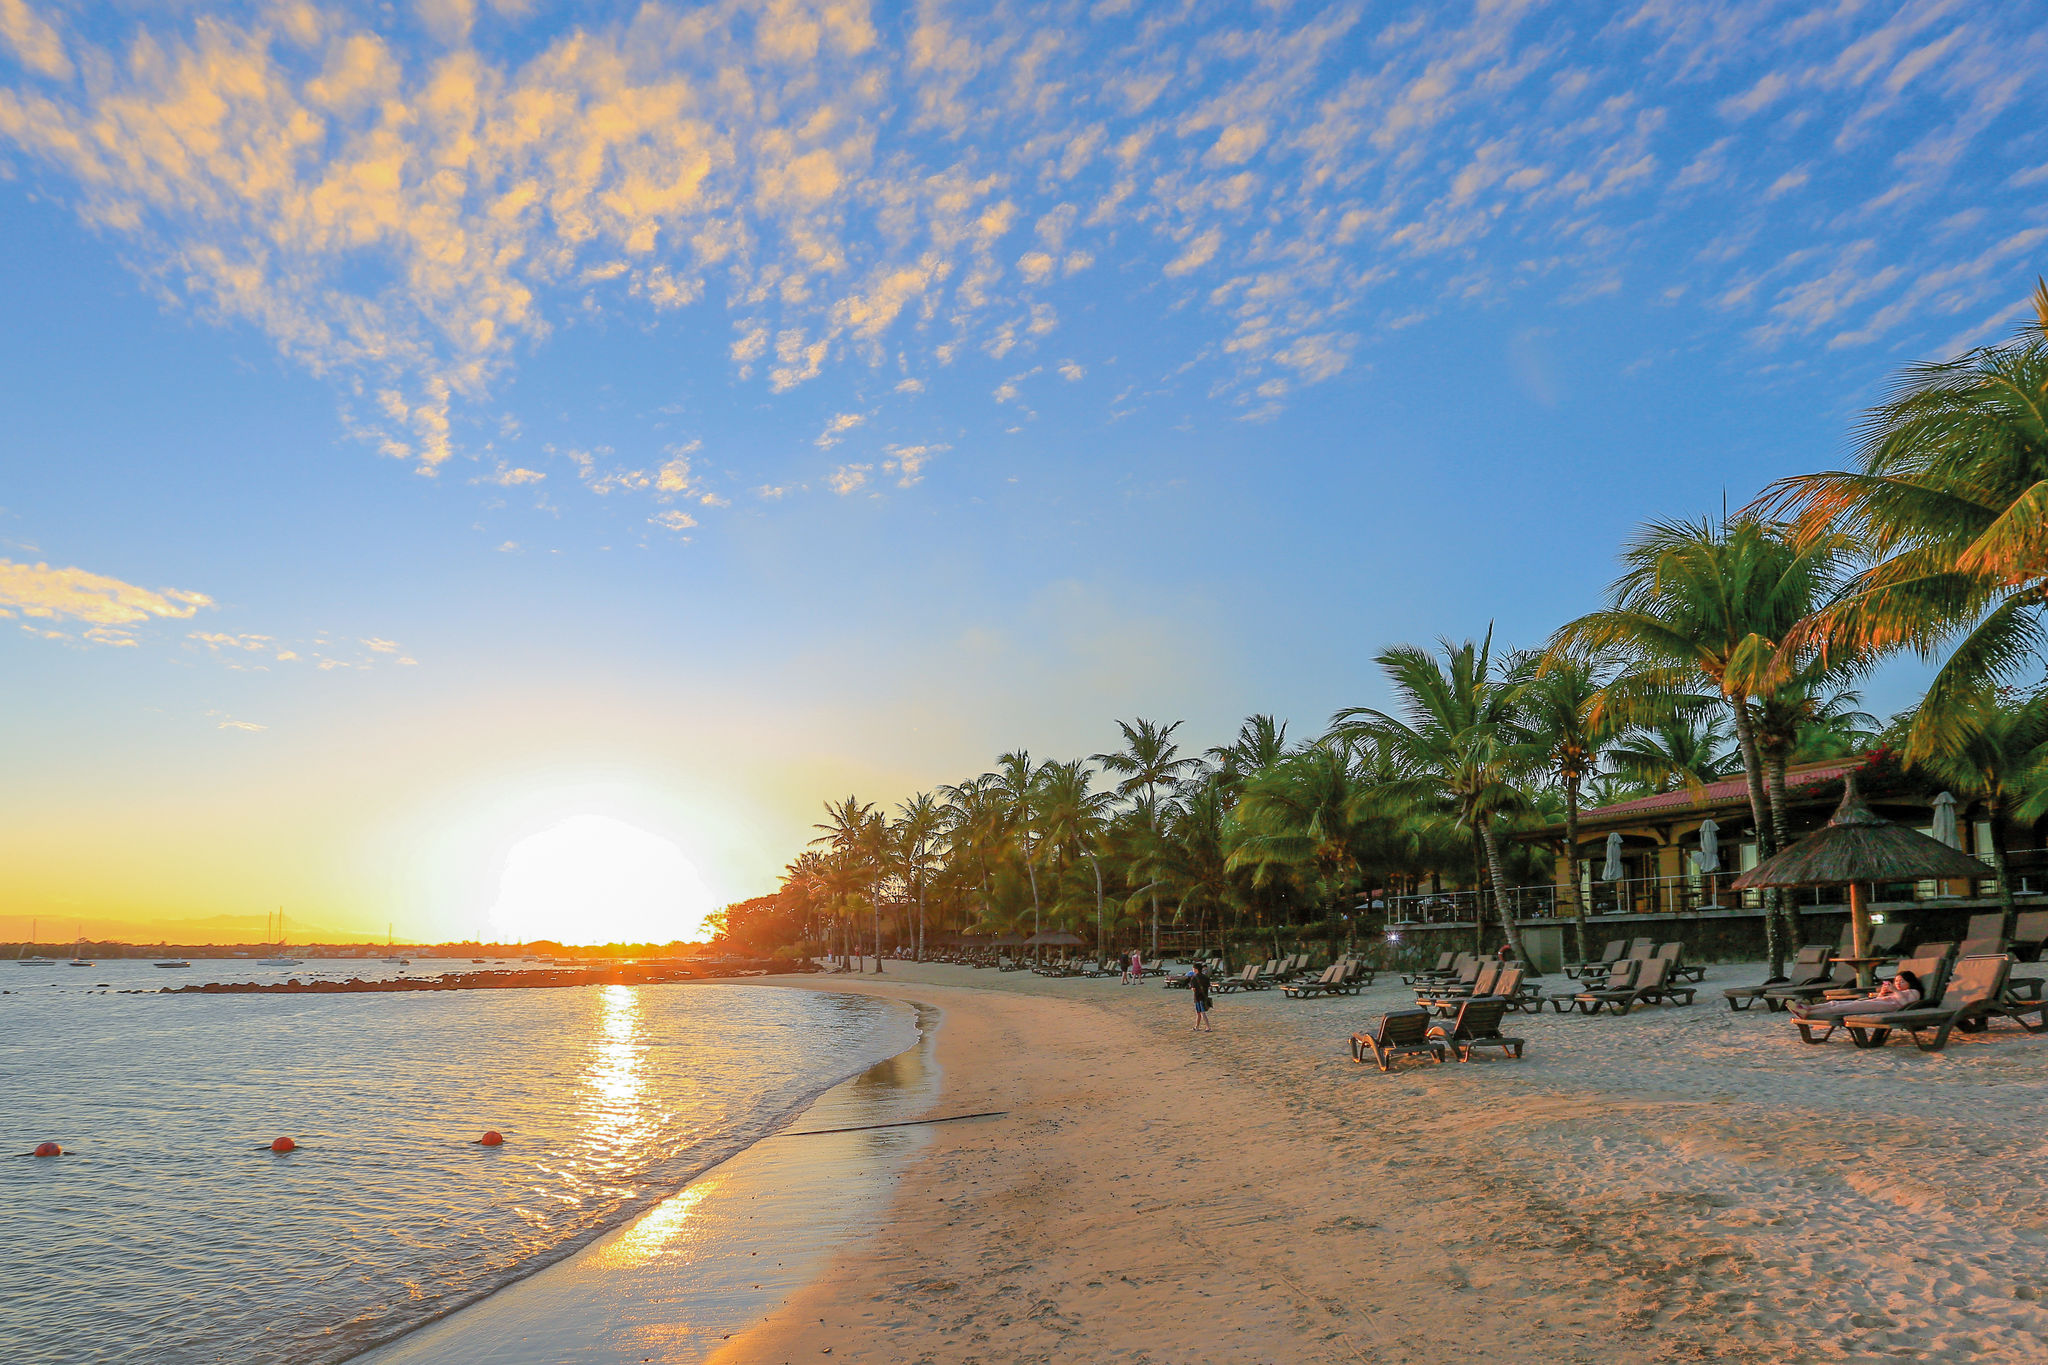 Der Strand vom Hotel Mauricia Beachcomber auf Mauritius